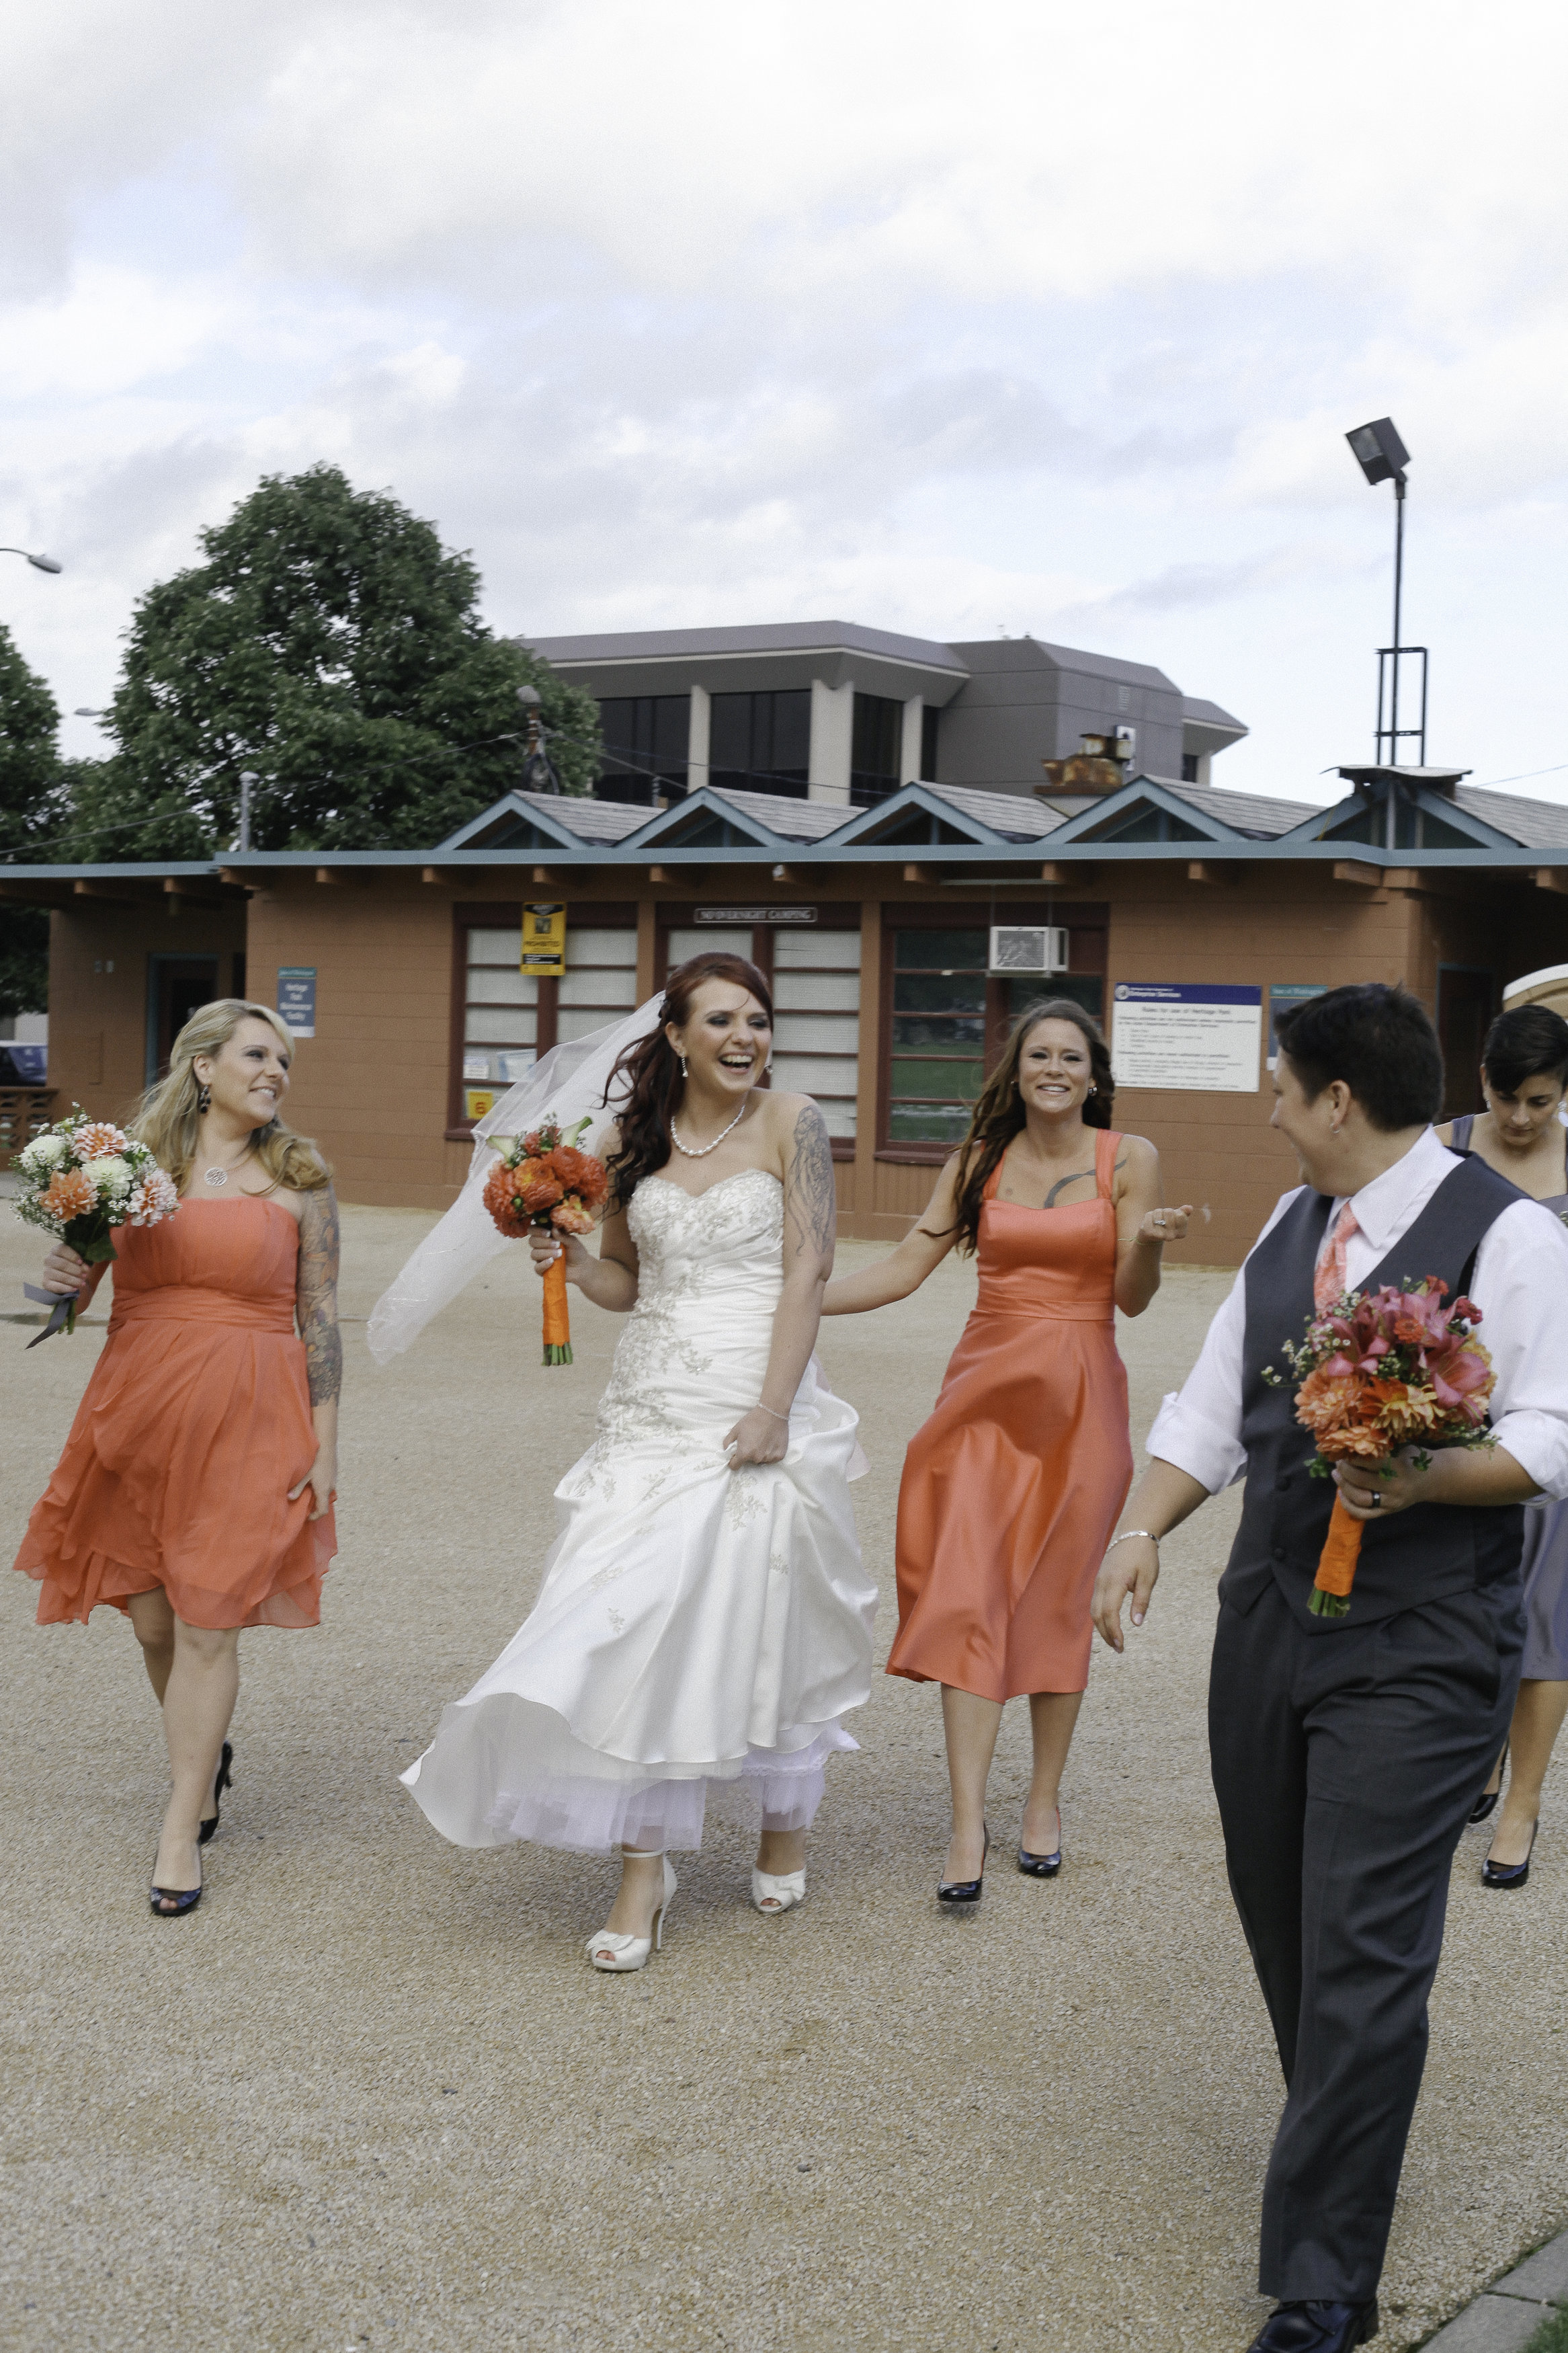 Devon Sara Married-Devon Sara-0181.jpg